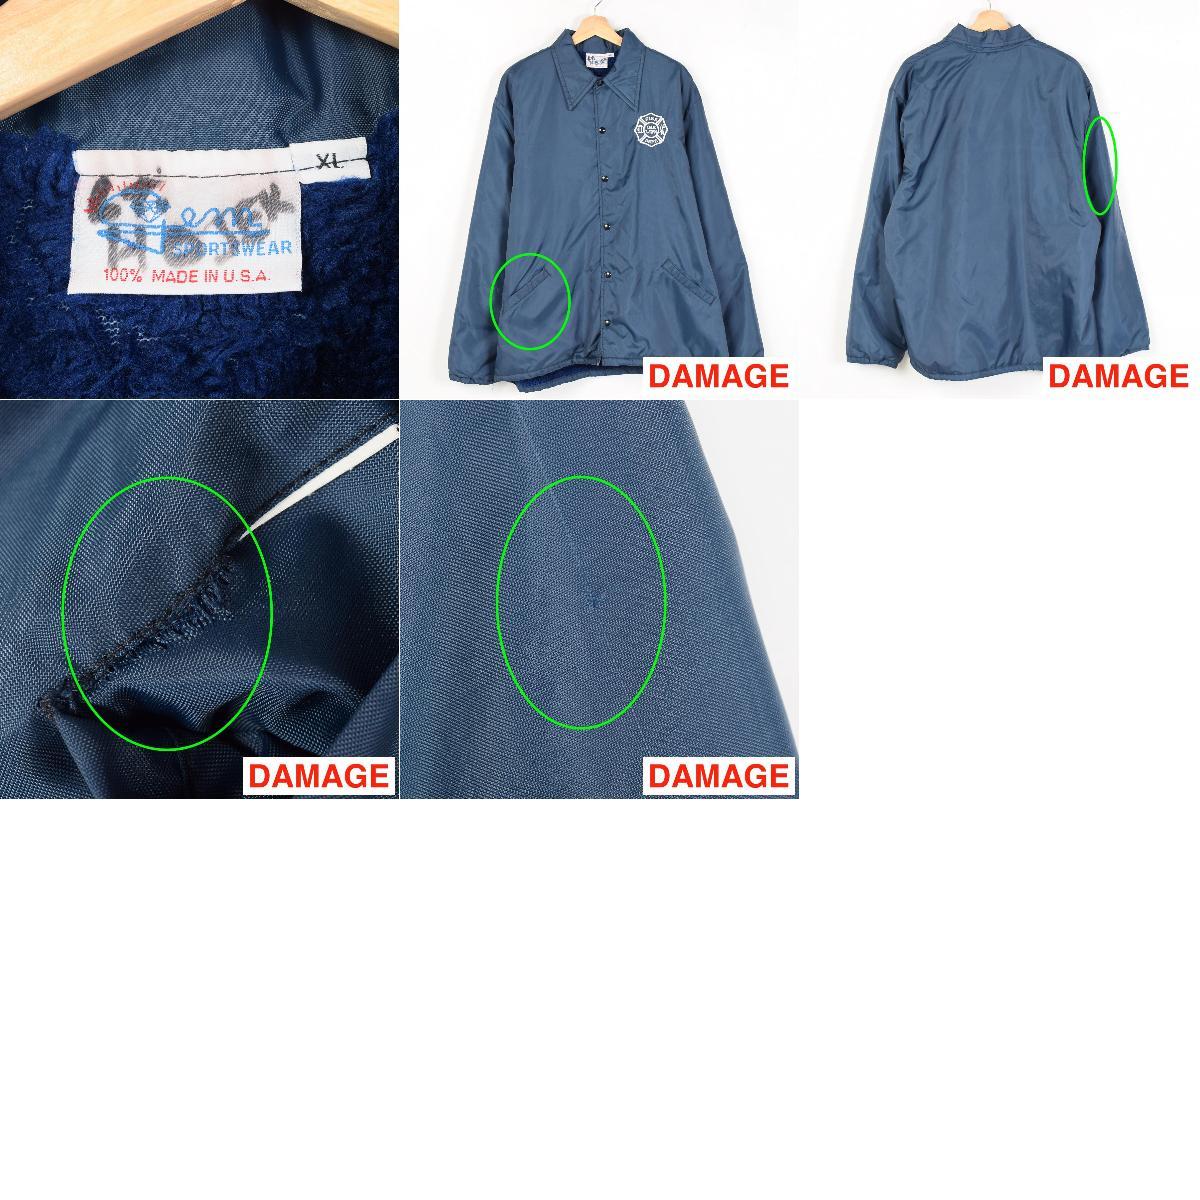 创业板运动服美国教练夹克男装 XL /wet3963 160901